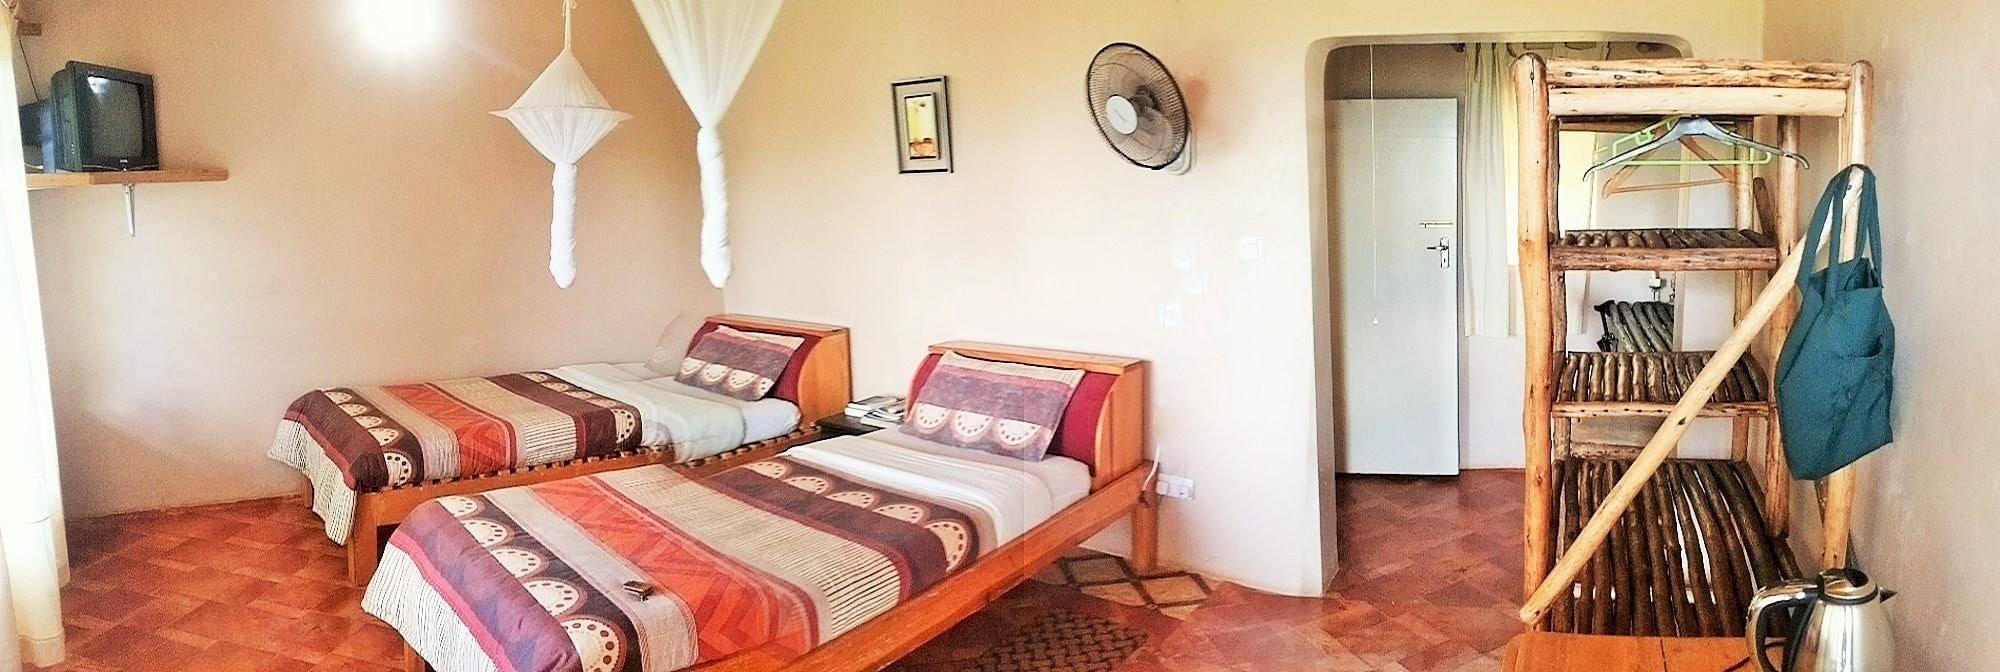 Kara O Mula Country Lodge, Mulanje Boma